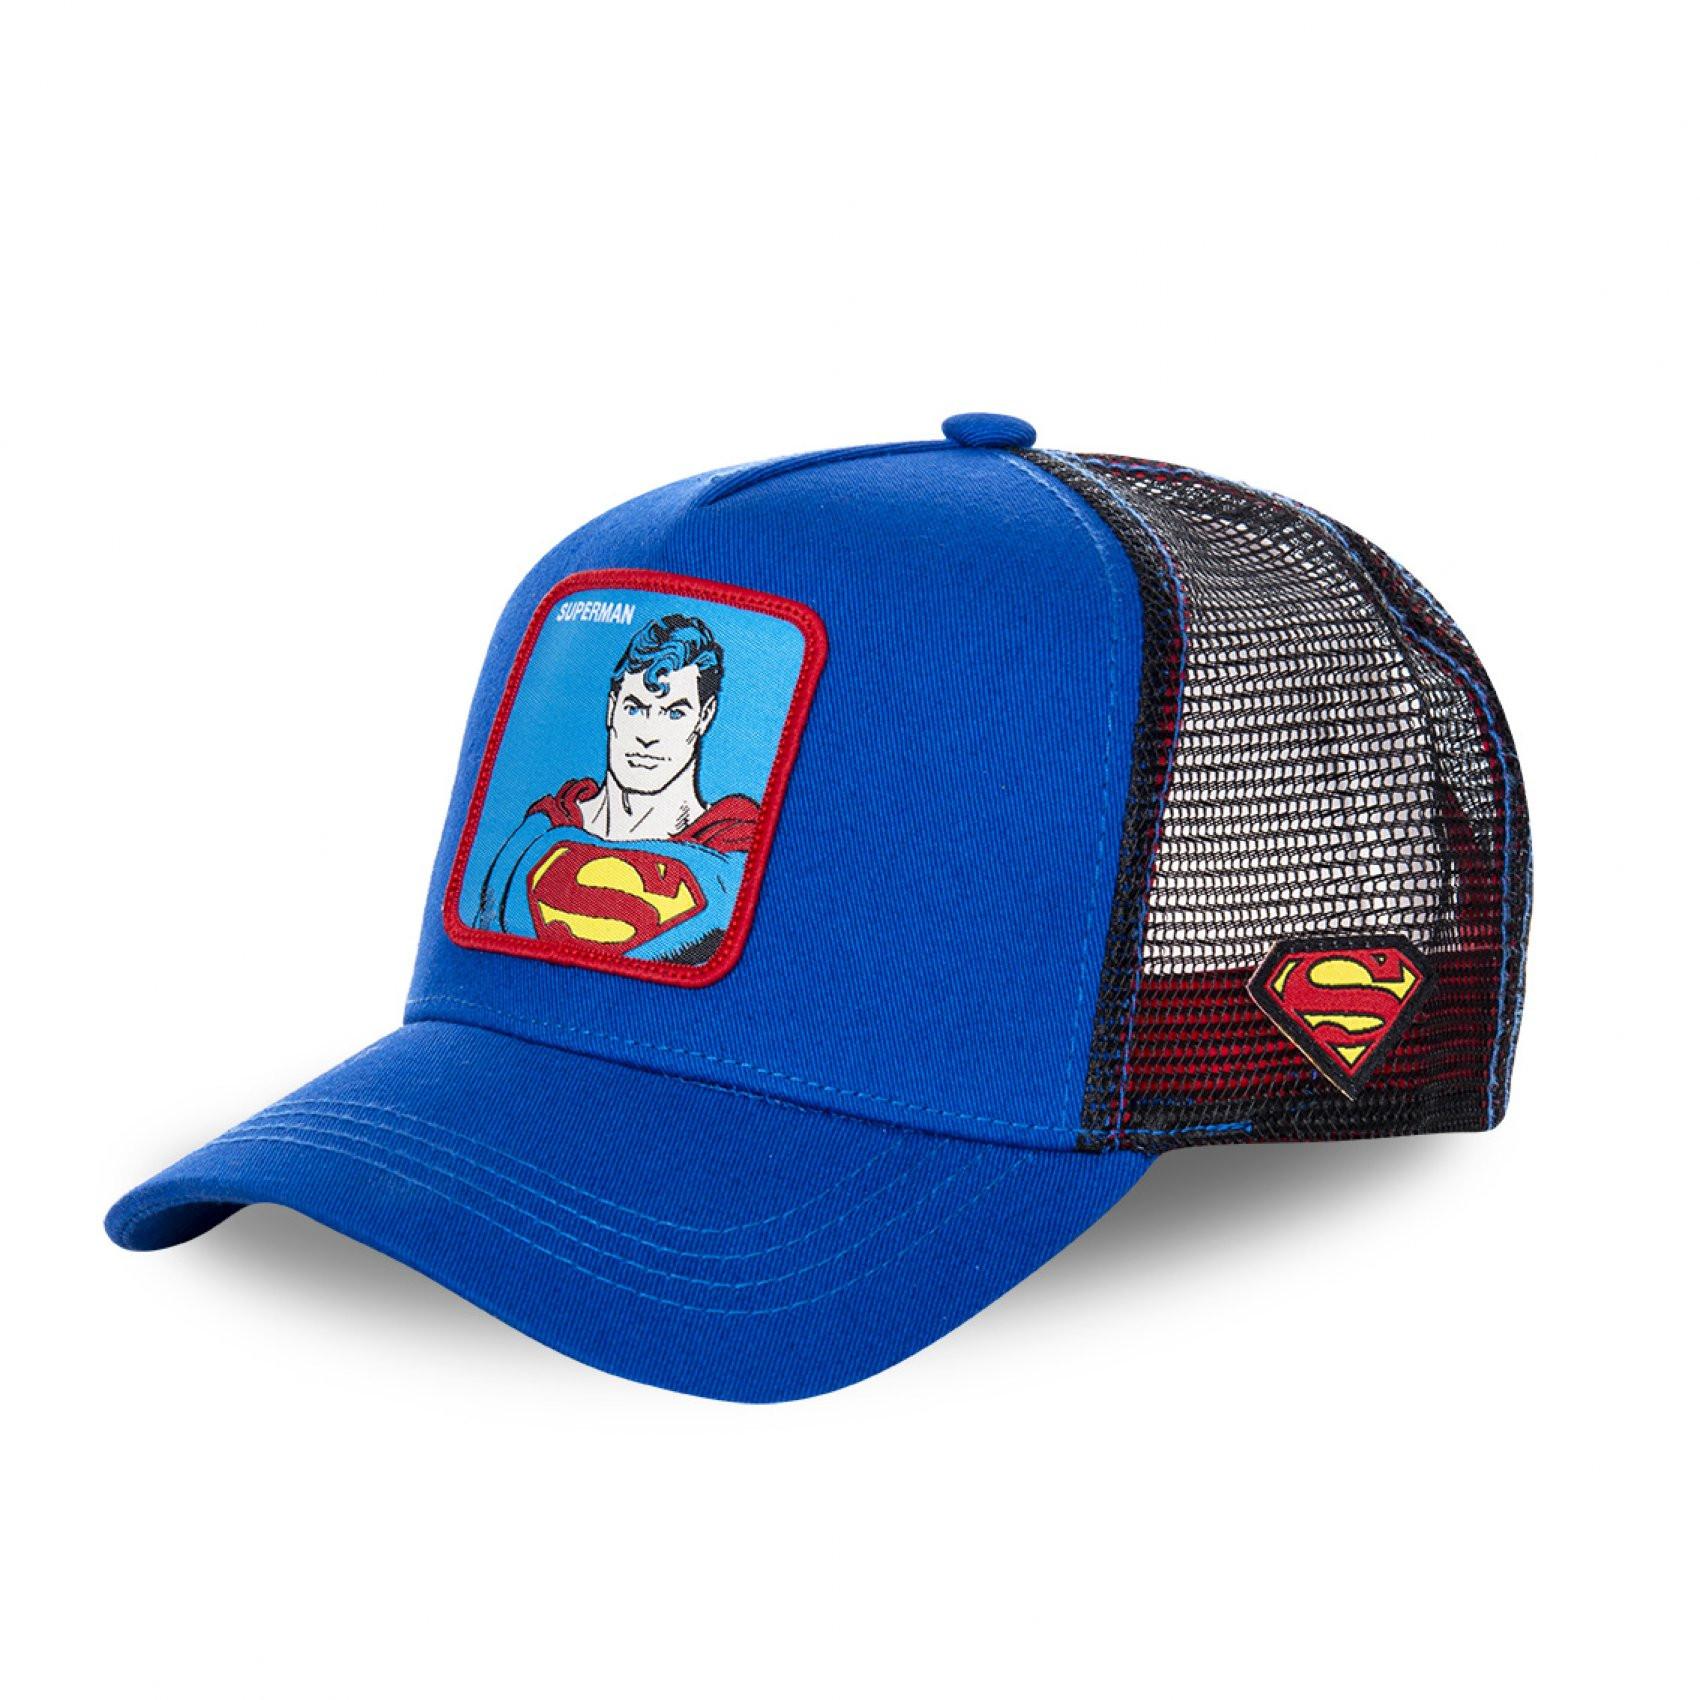 Casquette capslab dc comics superman bleu